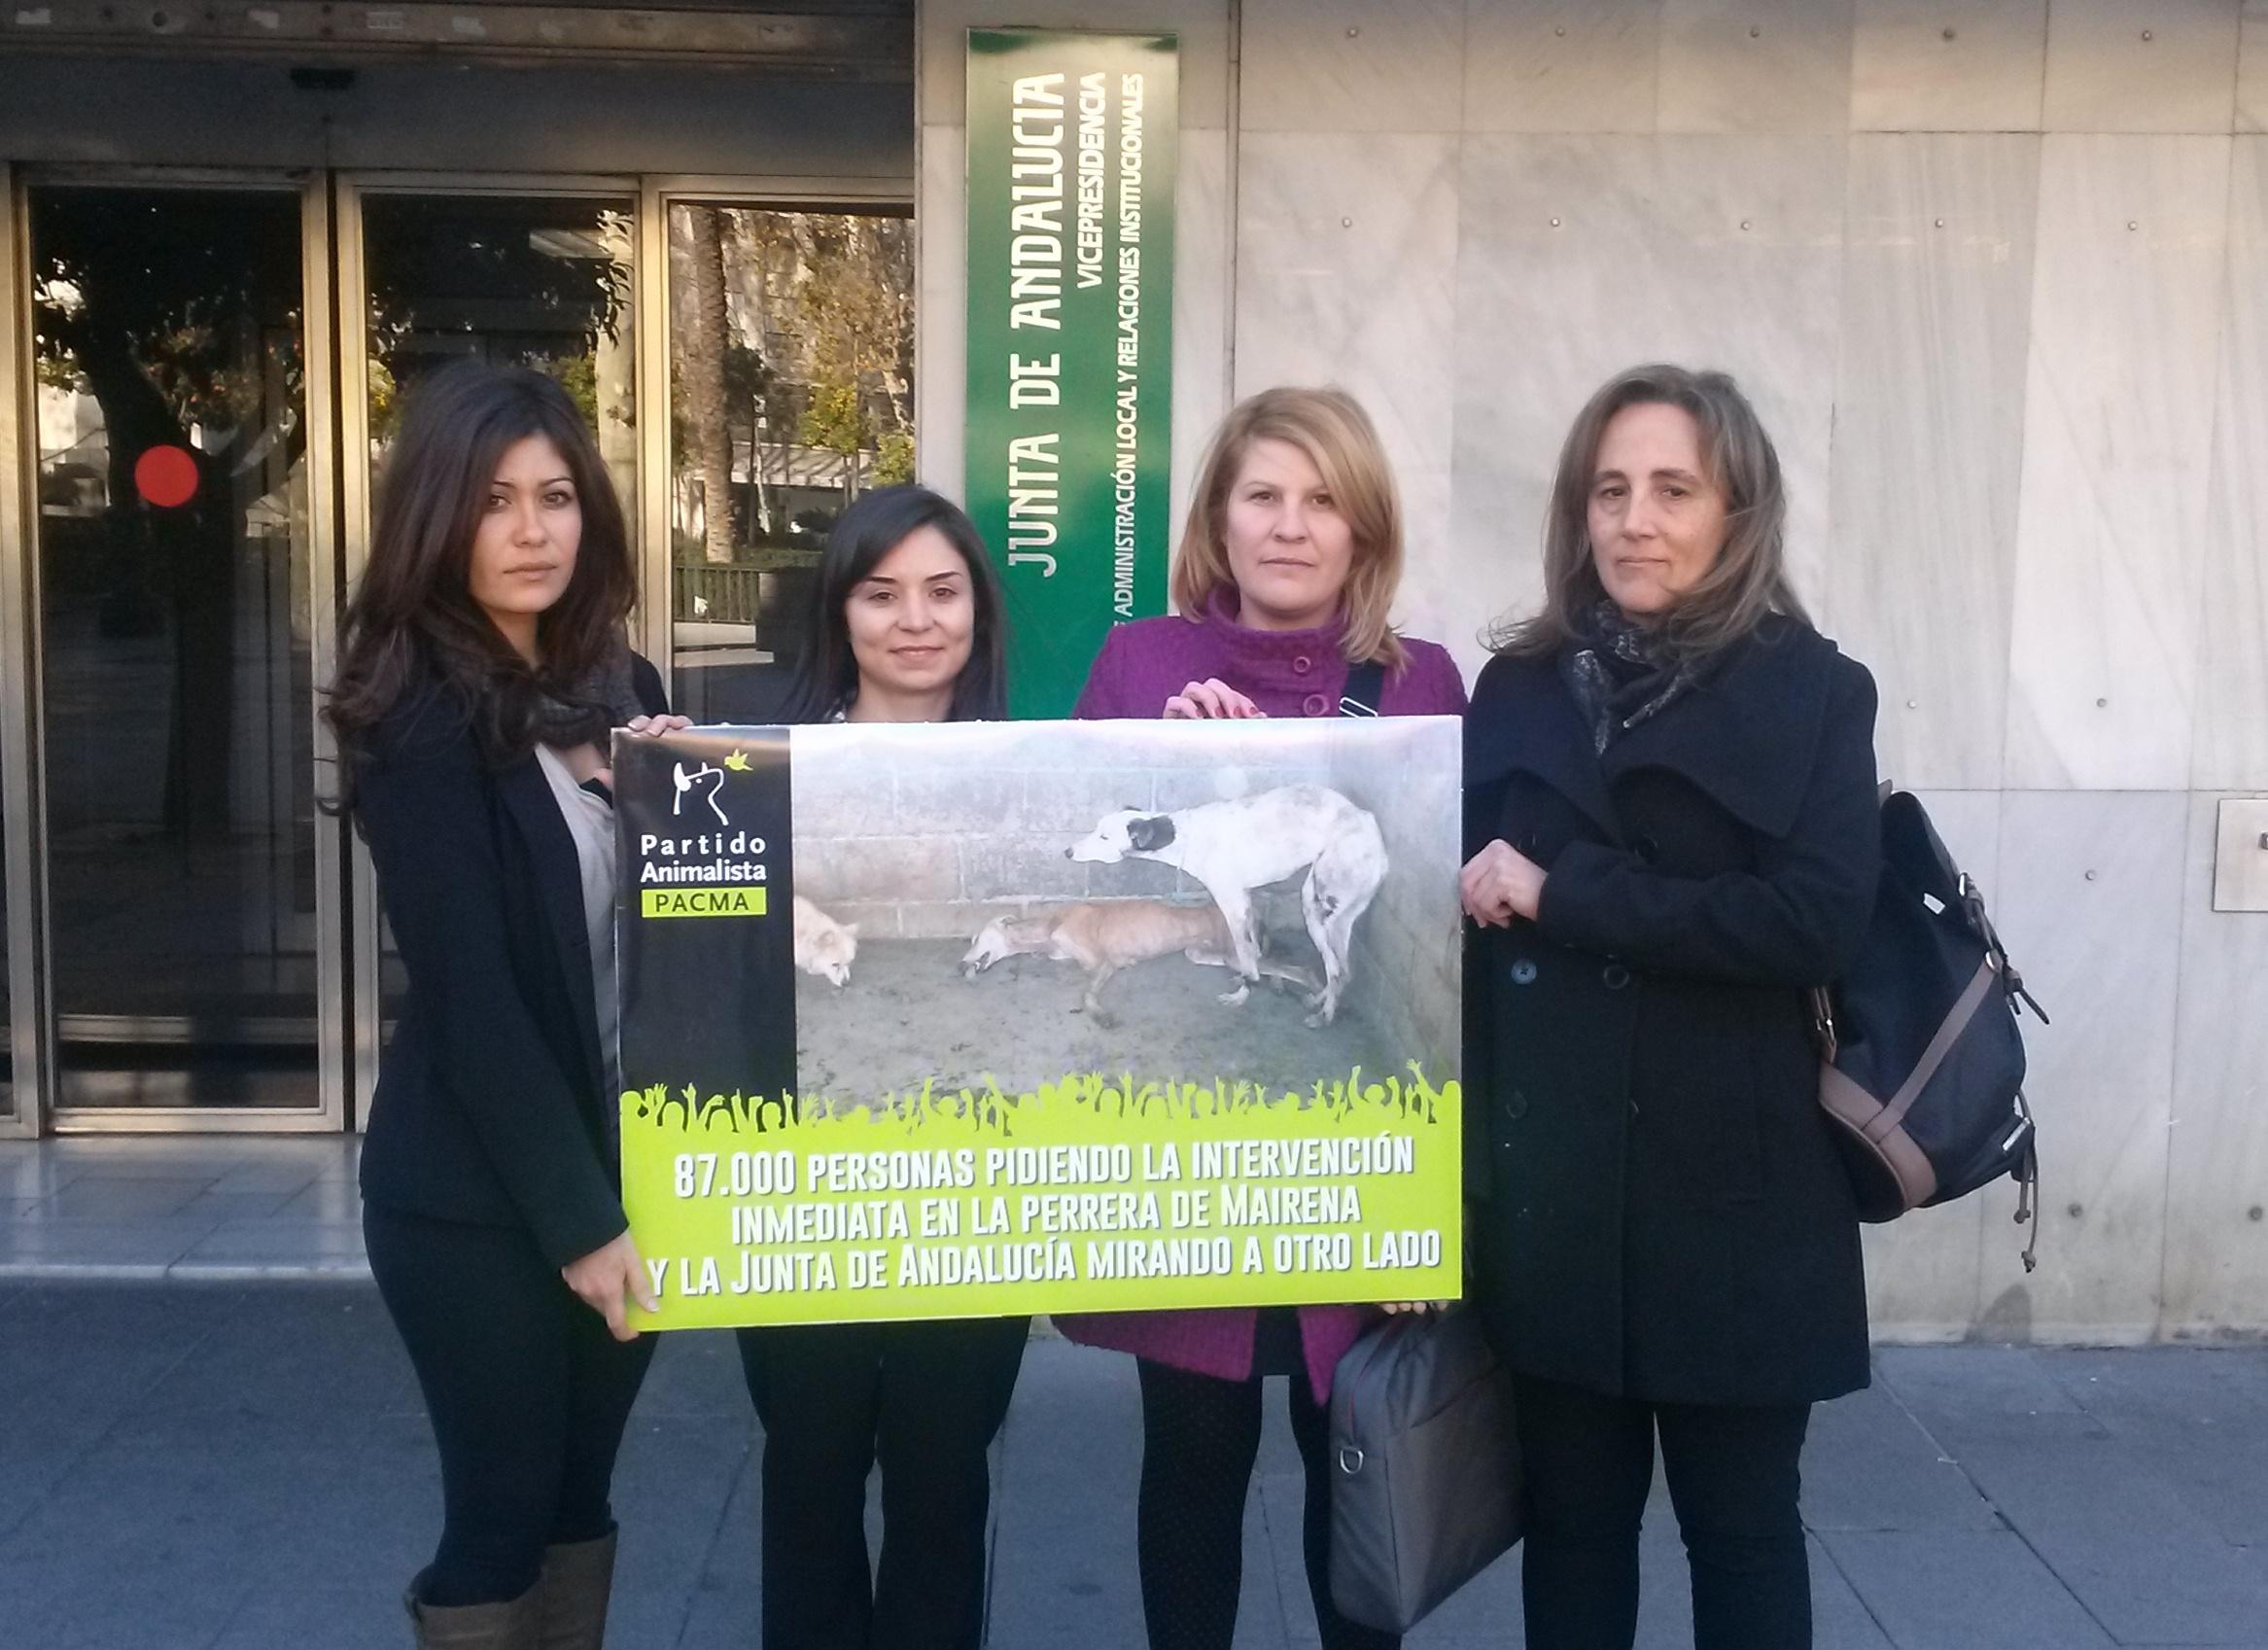 Nos reunimos con la junta de andaluc a para pedir su intervenci n en mairena partido - Pisos de la junta de andalucia ...